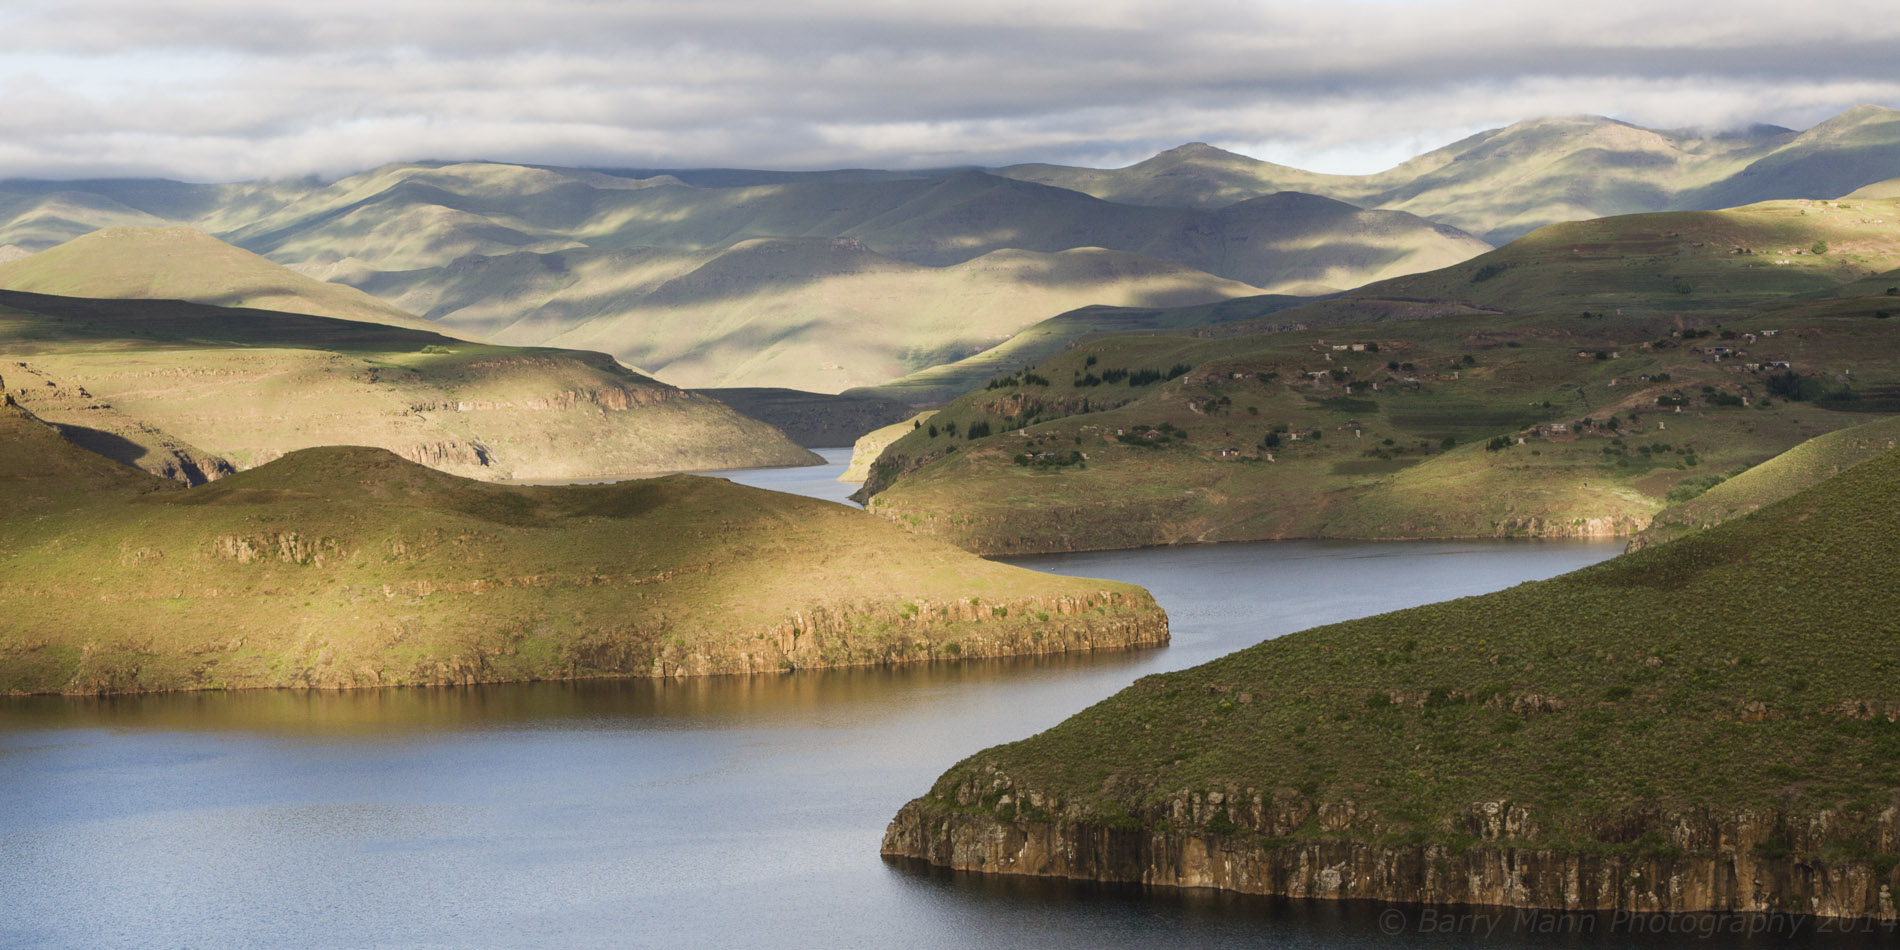 Katse Reservoir, Lesotho Highlands